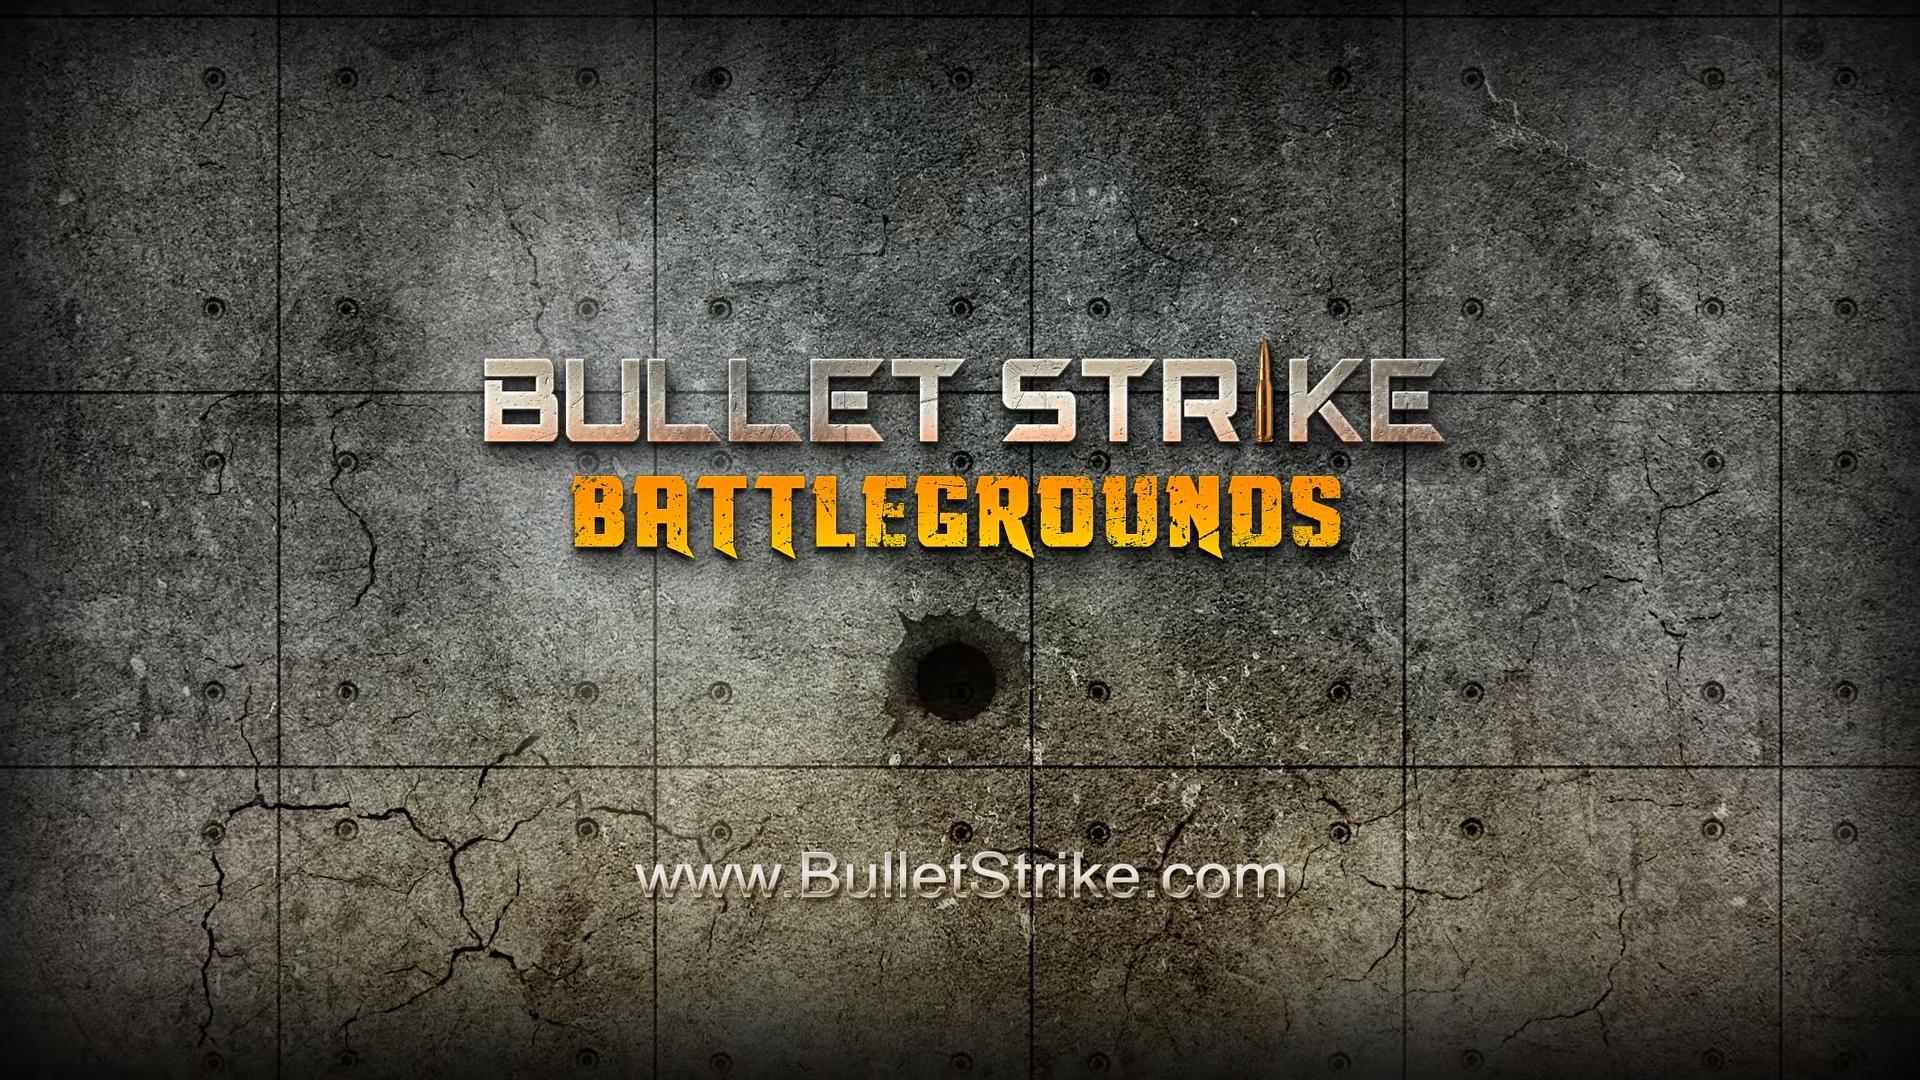 bullet strike battleground 05102017 05